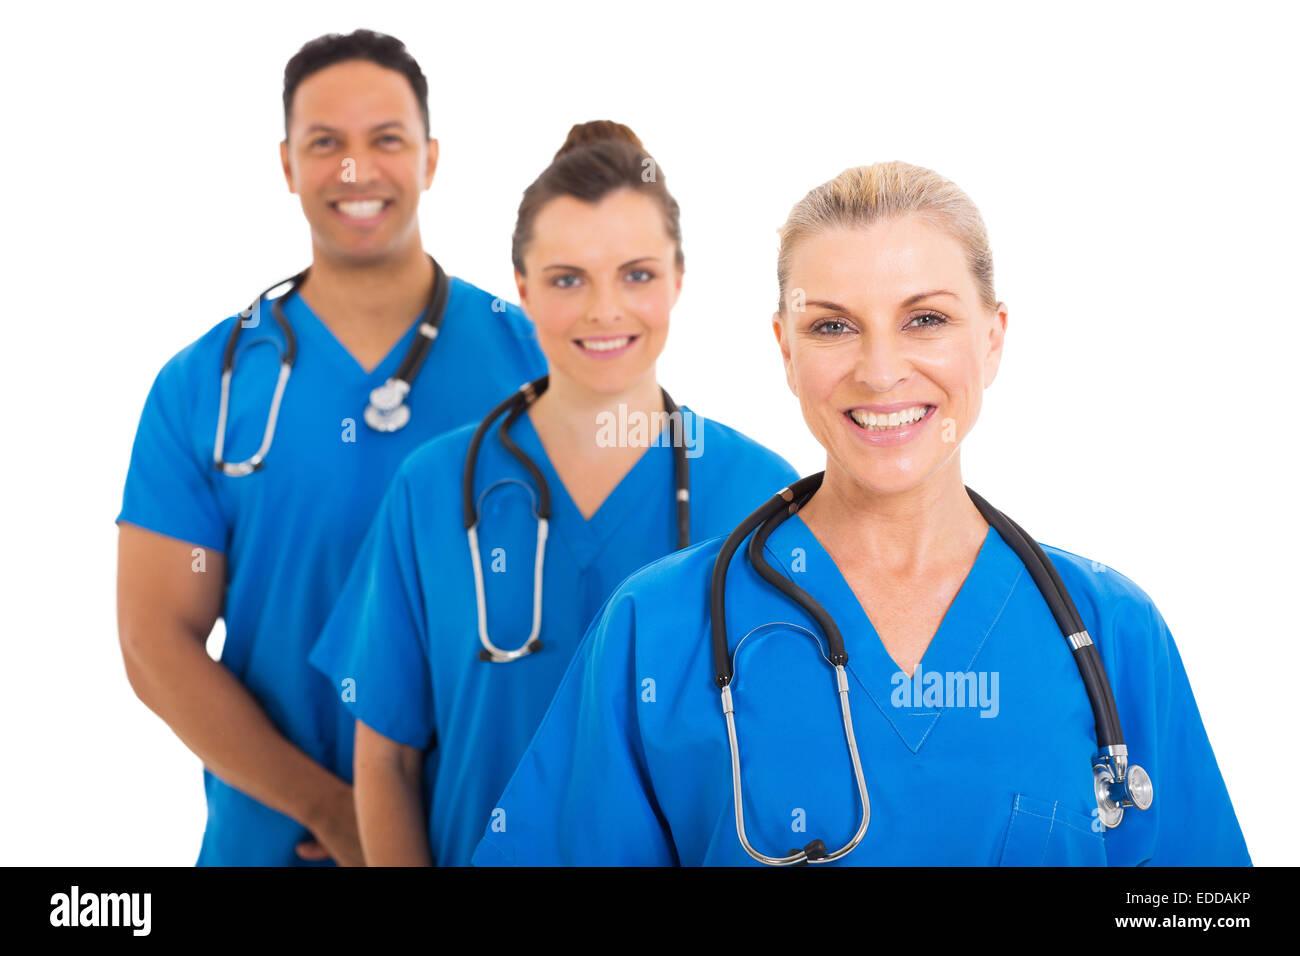 Certains cadres supérieurs et collègues médecin Photo Stock